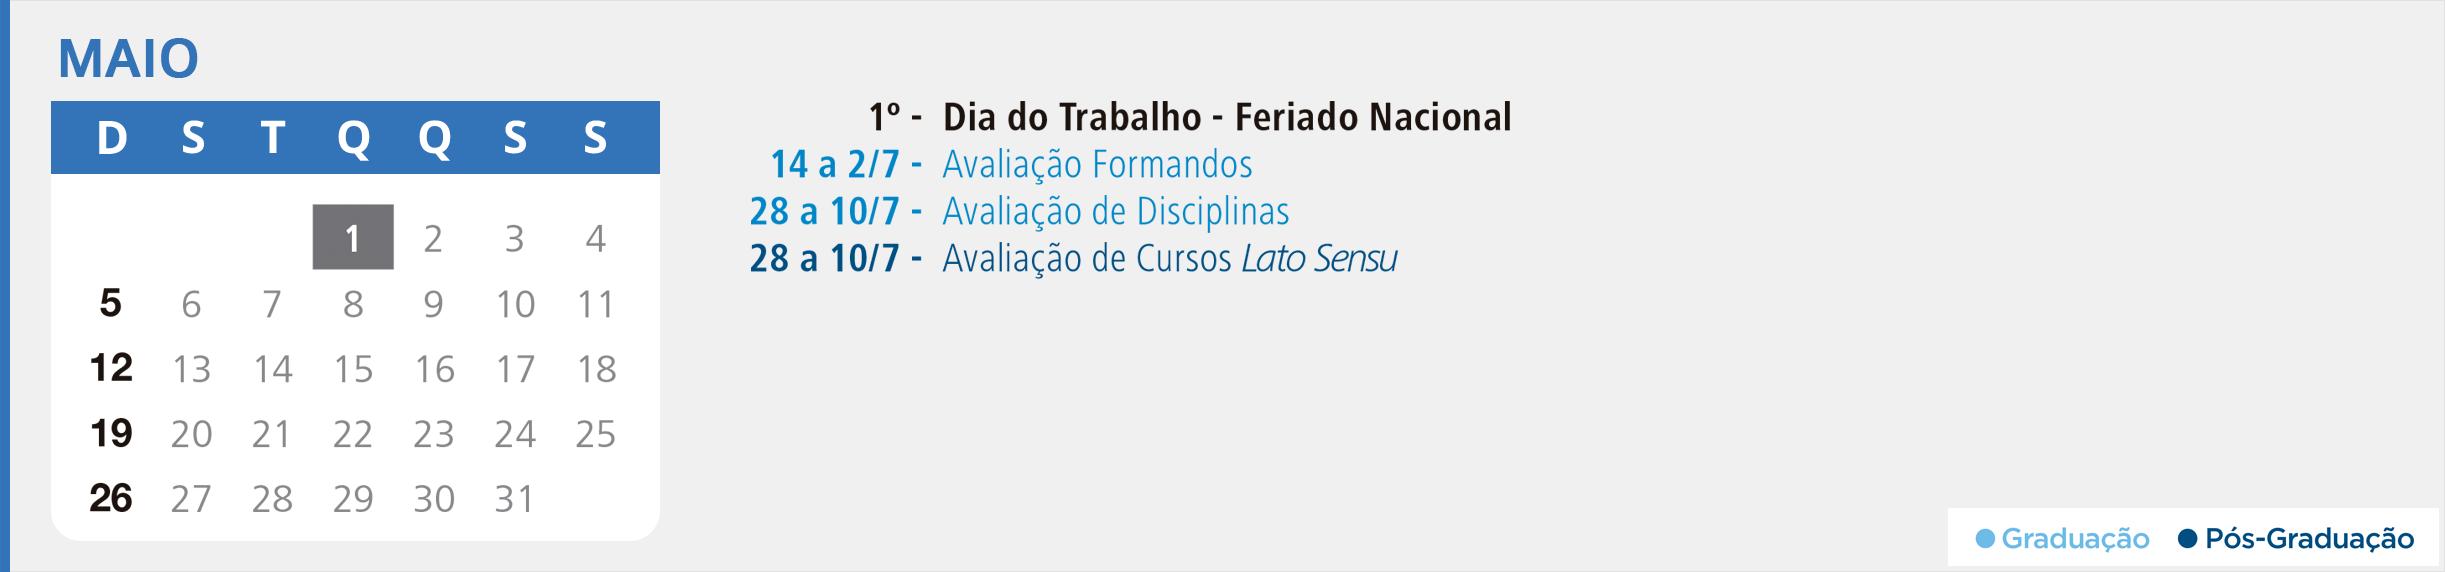 Calendário Acadêmico PUCRS - Mês de Maio